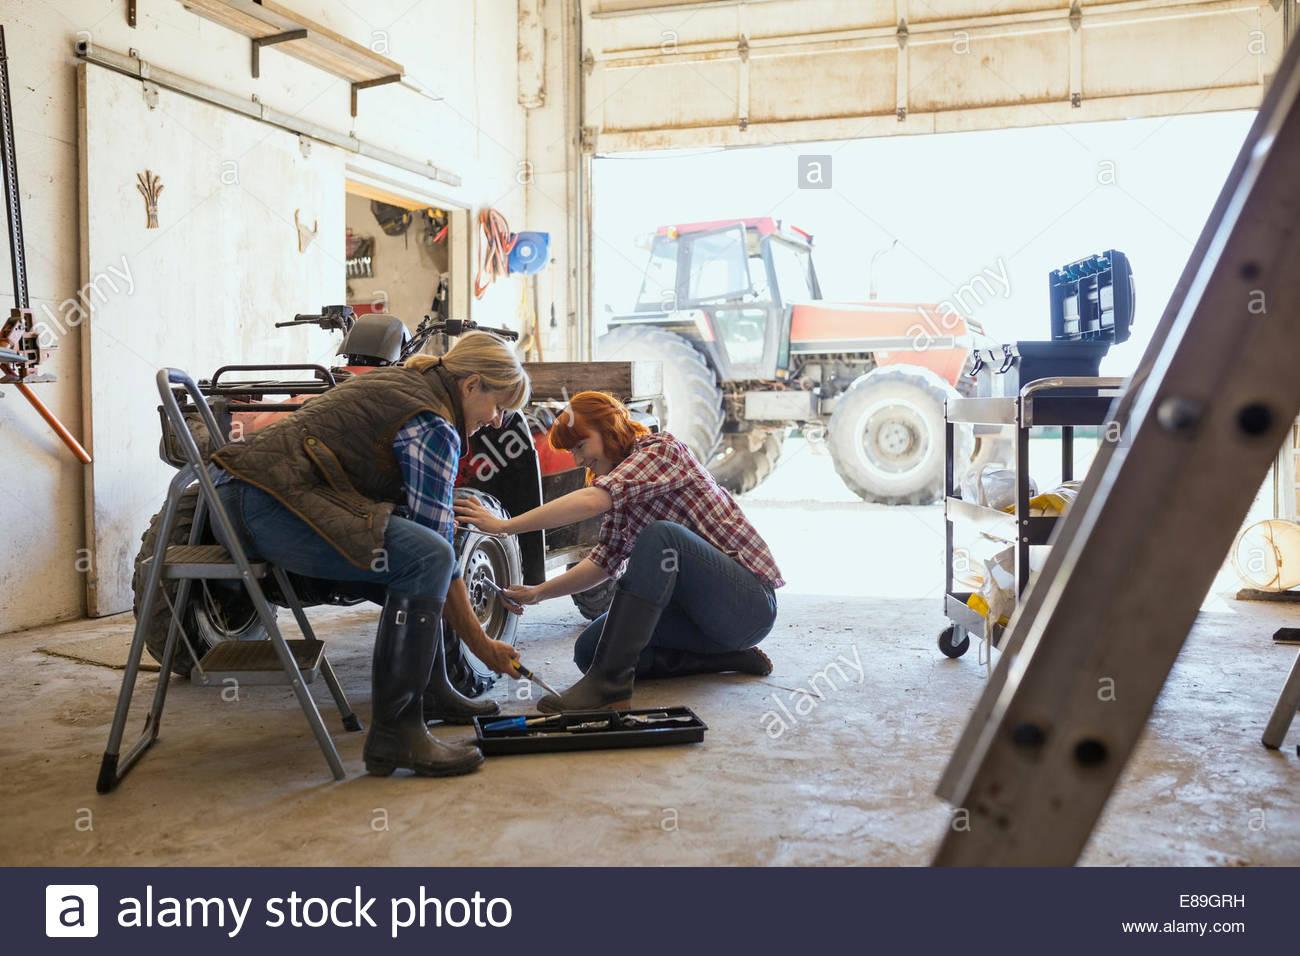 Madre e figlia riparazione ruota quadbike Immagini Stock